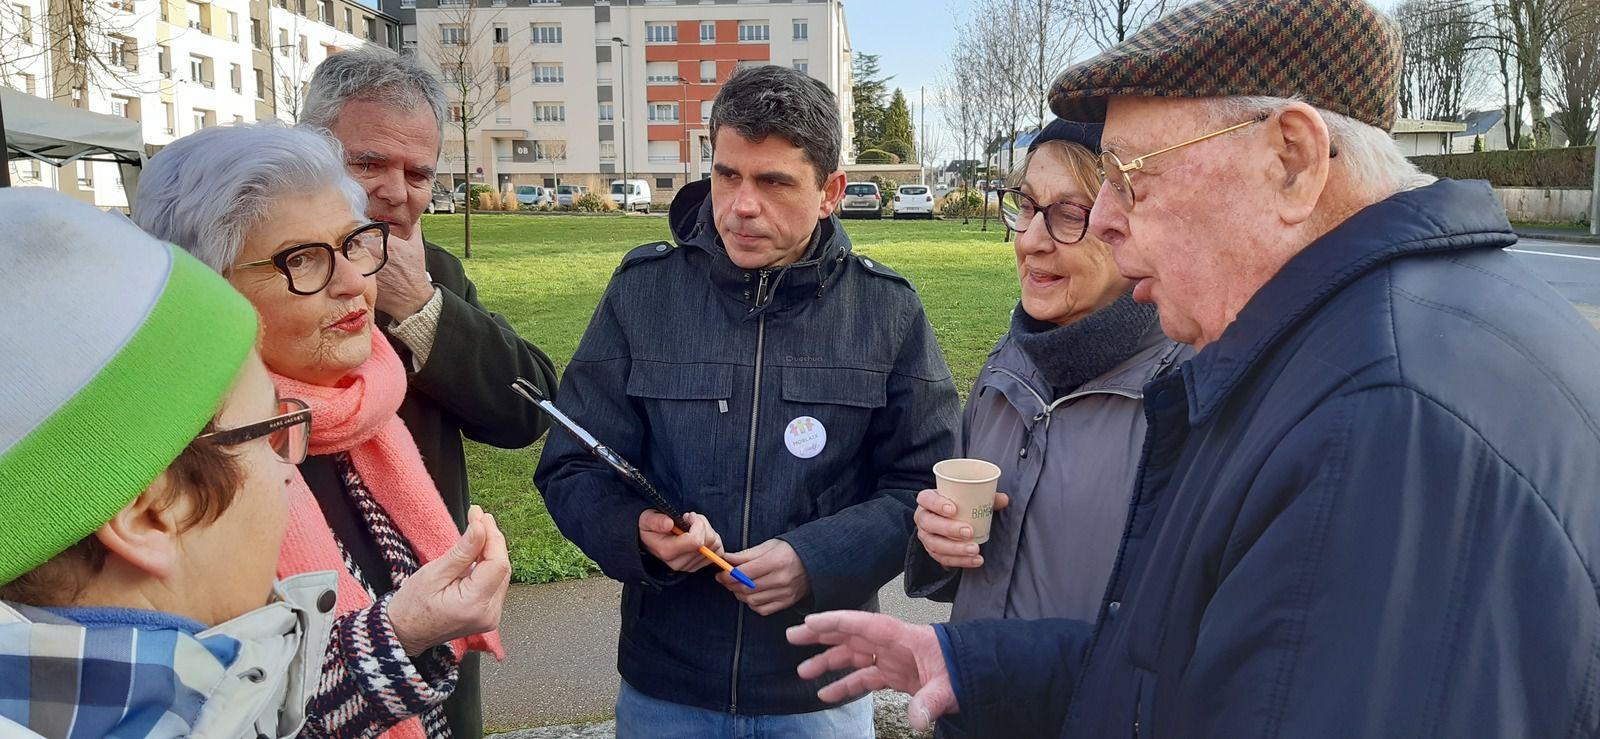 Photo JL Le Calvez 18 janvier 2020 Pors ar Bayec